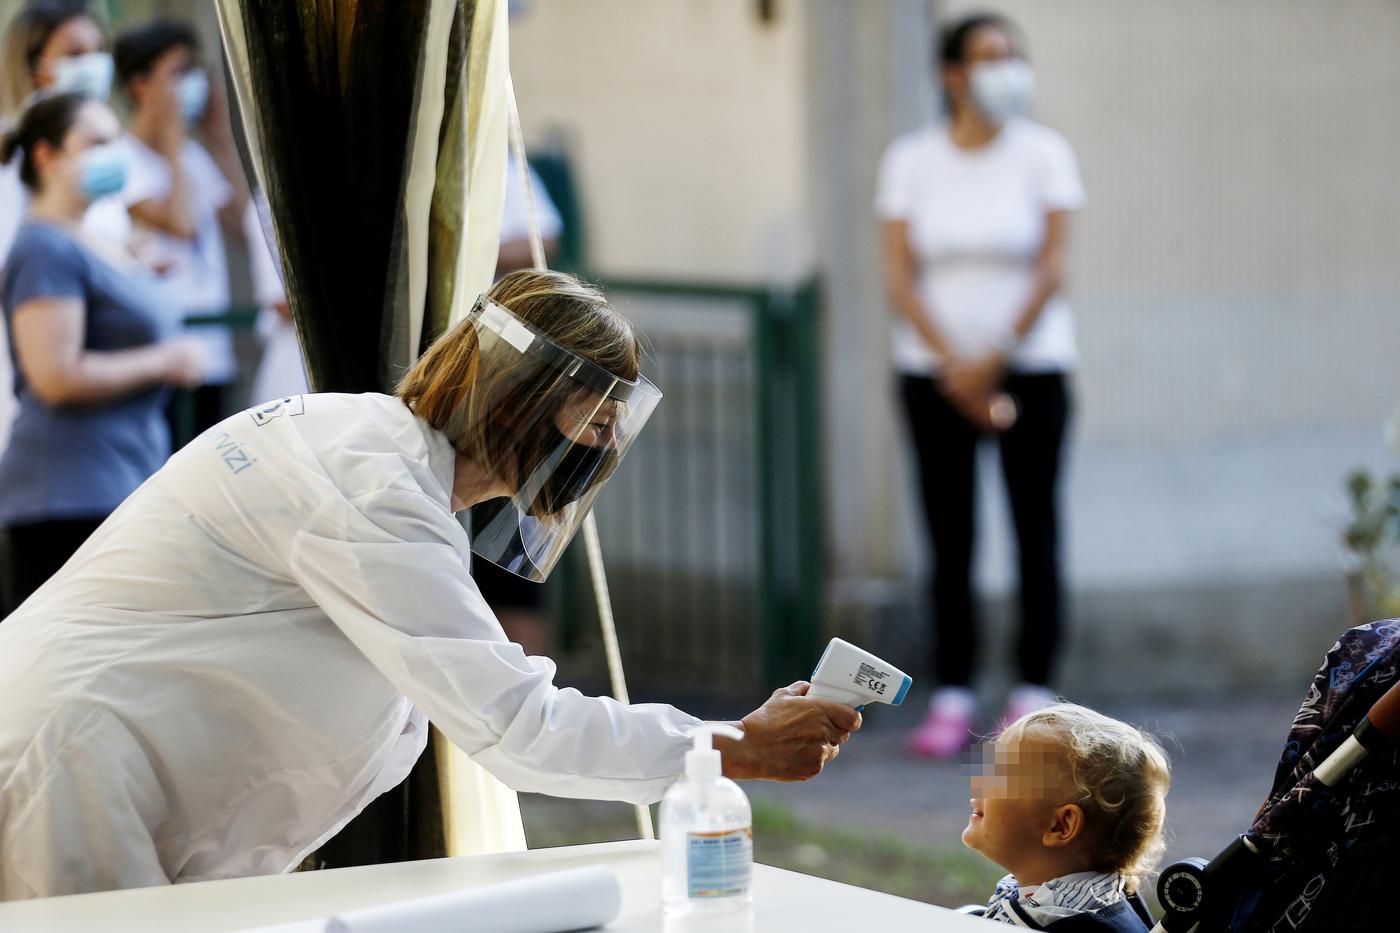 A un bambino viene misurata la temperatura all'entrata a scuola (Cecilia Fabiano/ LaPresse)